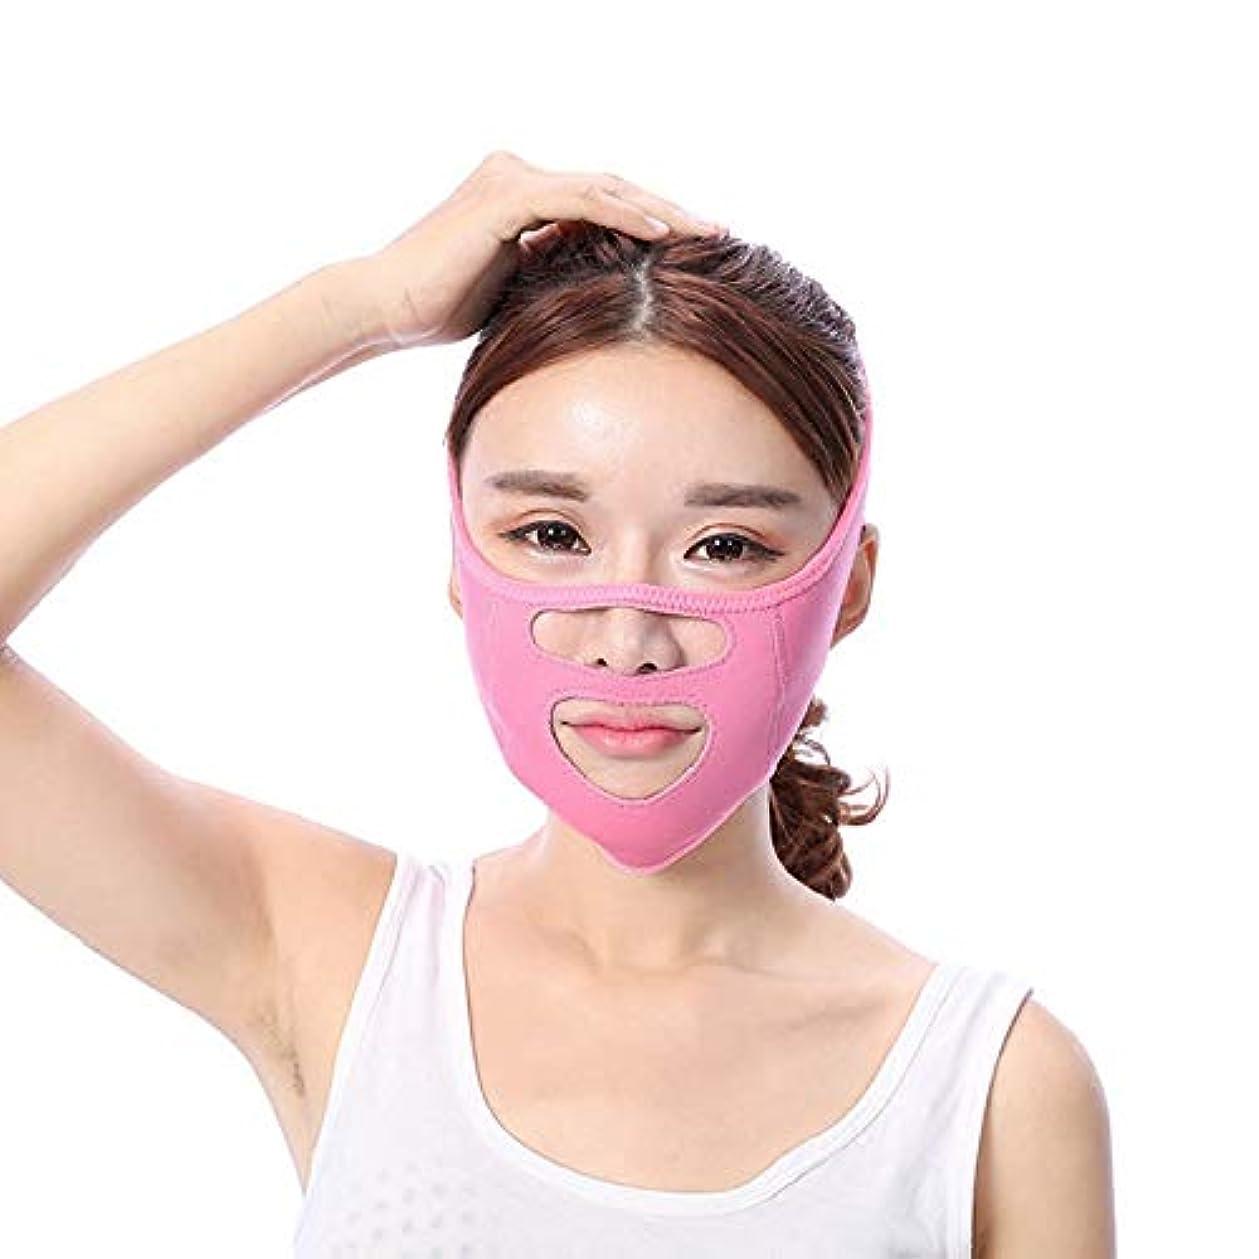 気づかない透けて見える無臭Minmin 顔の持ち上がる痩身ベルト - あなたの顔のための素晴らしいトレーニング二重あごのワークアウトフェイスマスクベルト薄い顔包帯整形マスクは顔と首を締めますフェイススリム みんみんVラインフェイスマスク